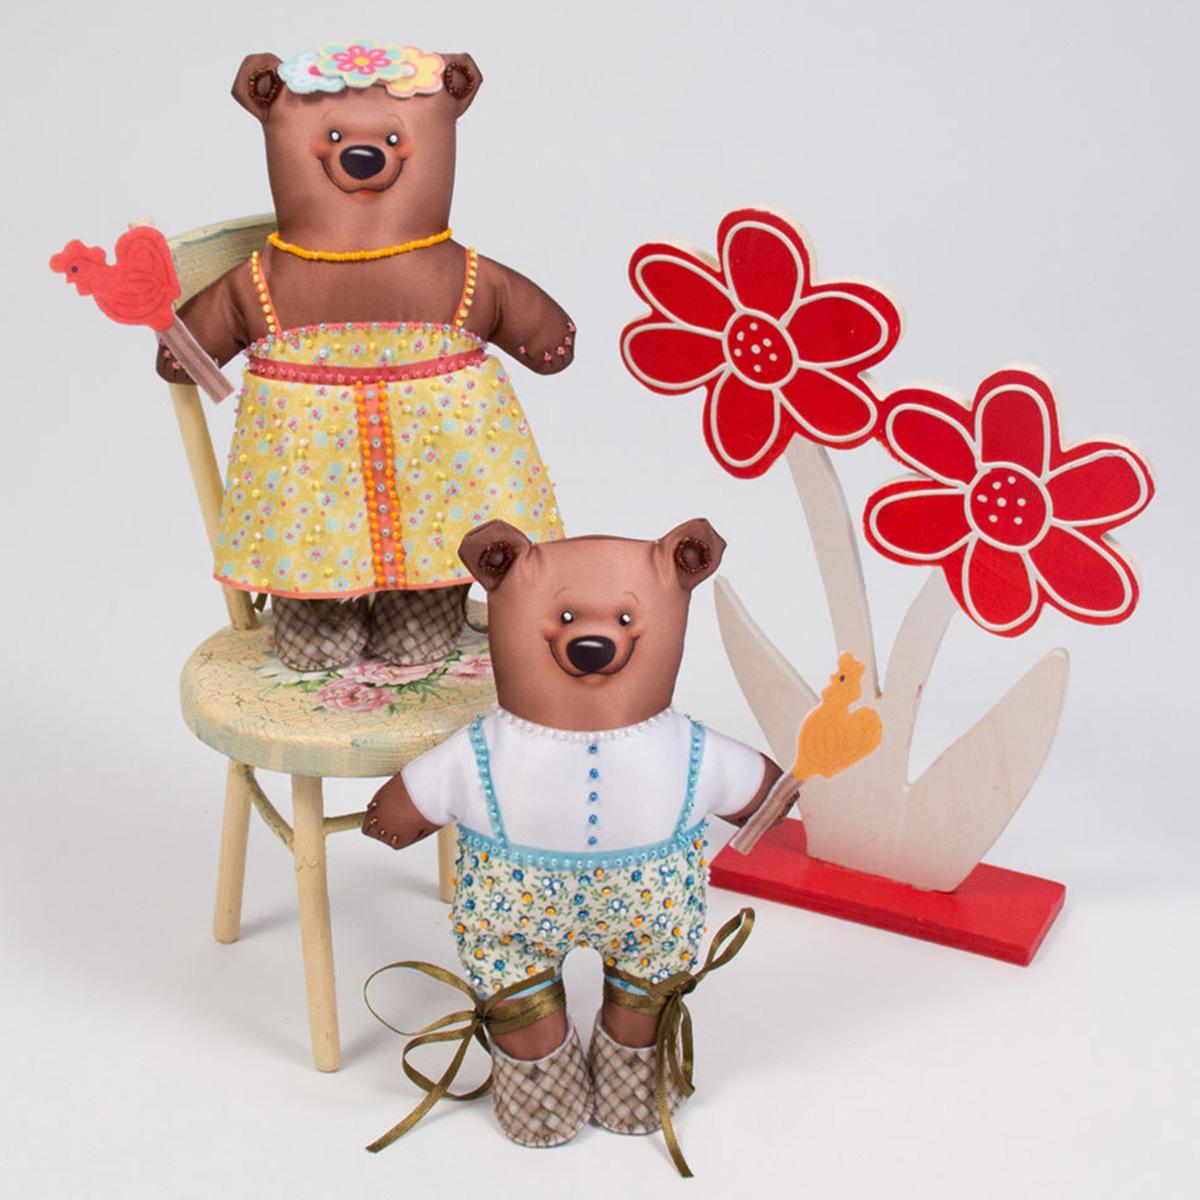 Набор для изготовления игрушек Матренин Посад Мишутка и Машутка наборы для вышивания матренин посад рисунок на канве у прохладного фонтана